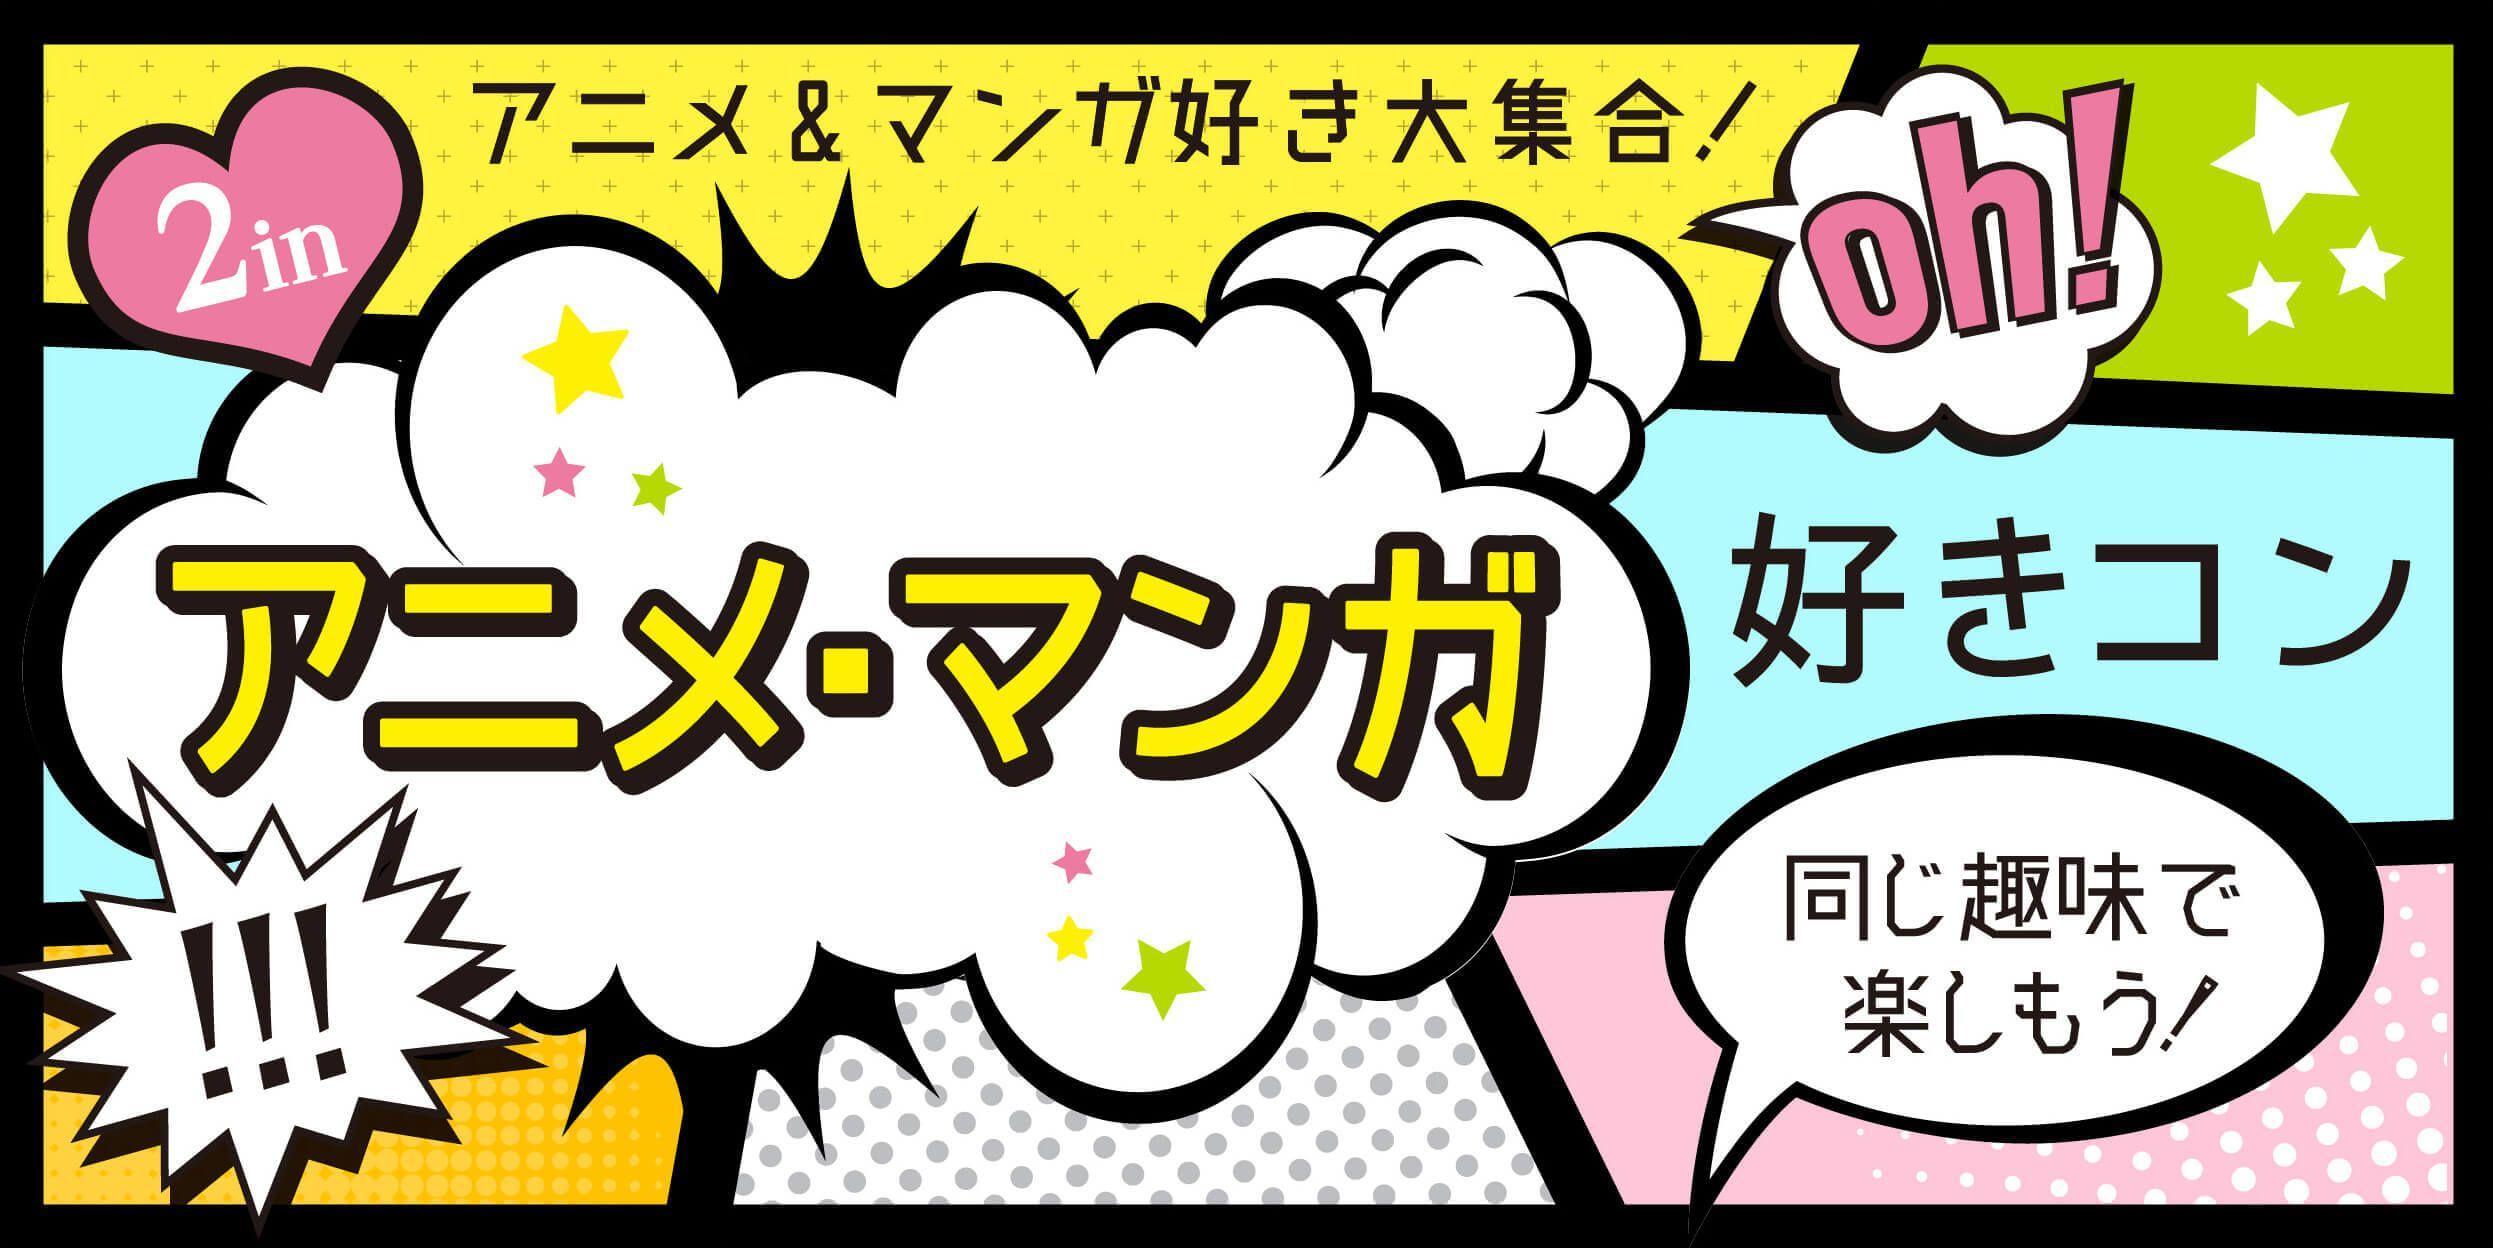 【共通の趣味で会話が尽きない!】4月8日(土)アニメとマンガ好きコンin広島〜一人参加大歓迎!大好きなものを語り合おう★〜